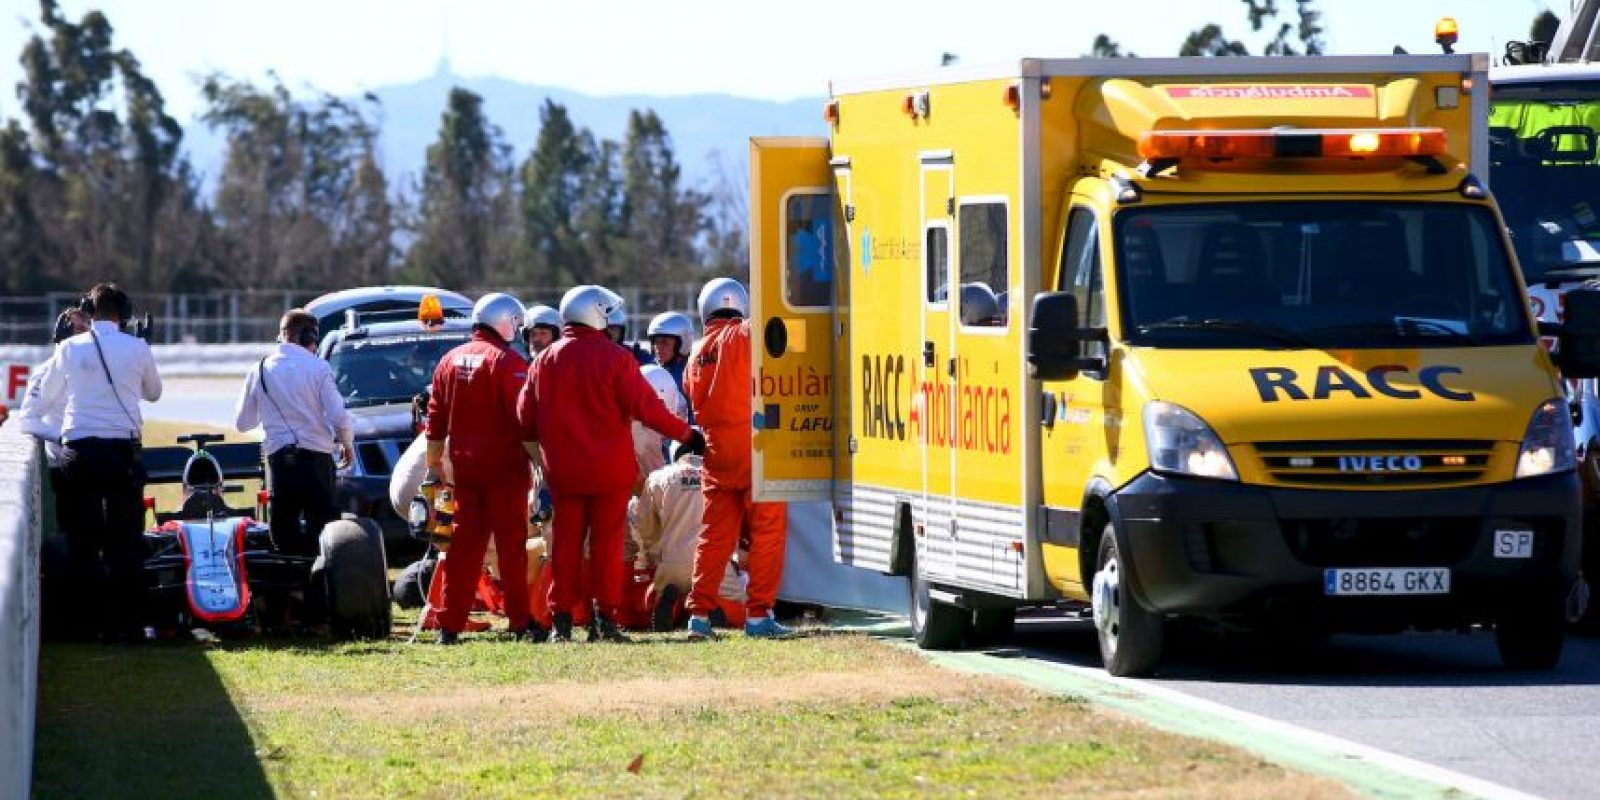 """Alonso se salió de la pista de forma violenta entre las curvas 3 y 4 del trazado, a más de 200 km/h, y de inmediato fue trasladado al hospital, donde se digo que se encontraba """"bien"""". Foto:Getty Images"""